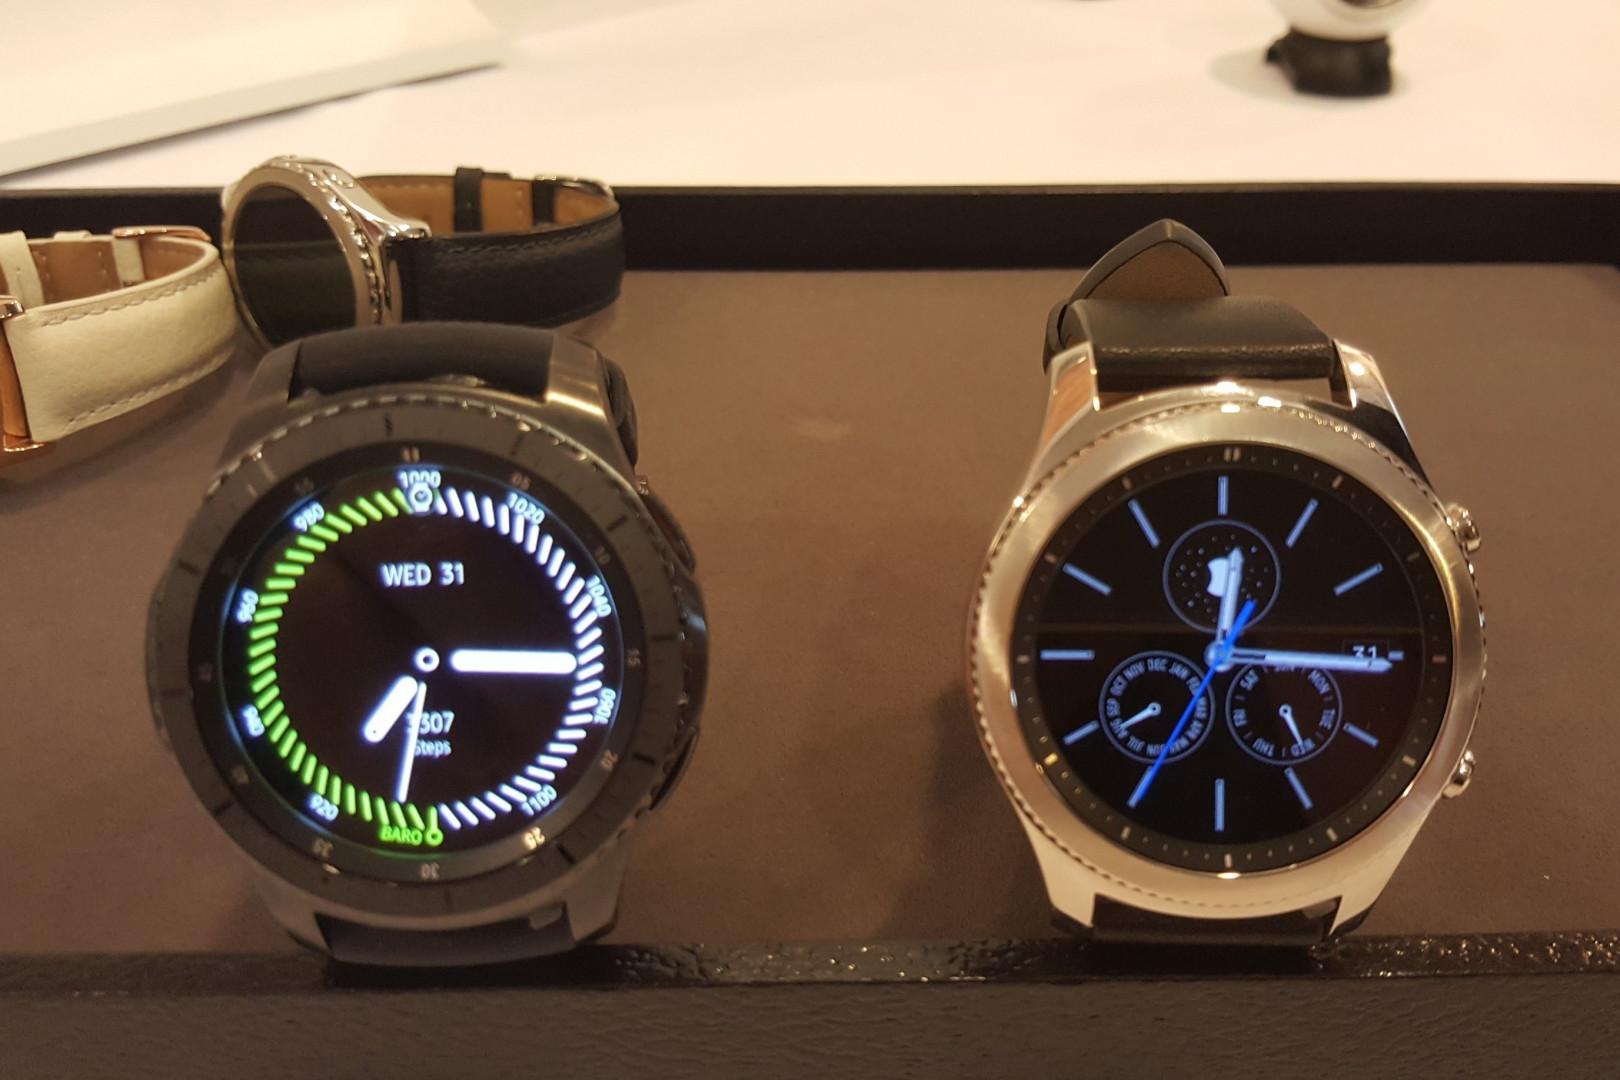 La nouvelle montre Gear S3 de Samsung, modèles sport et classique